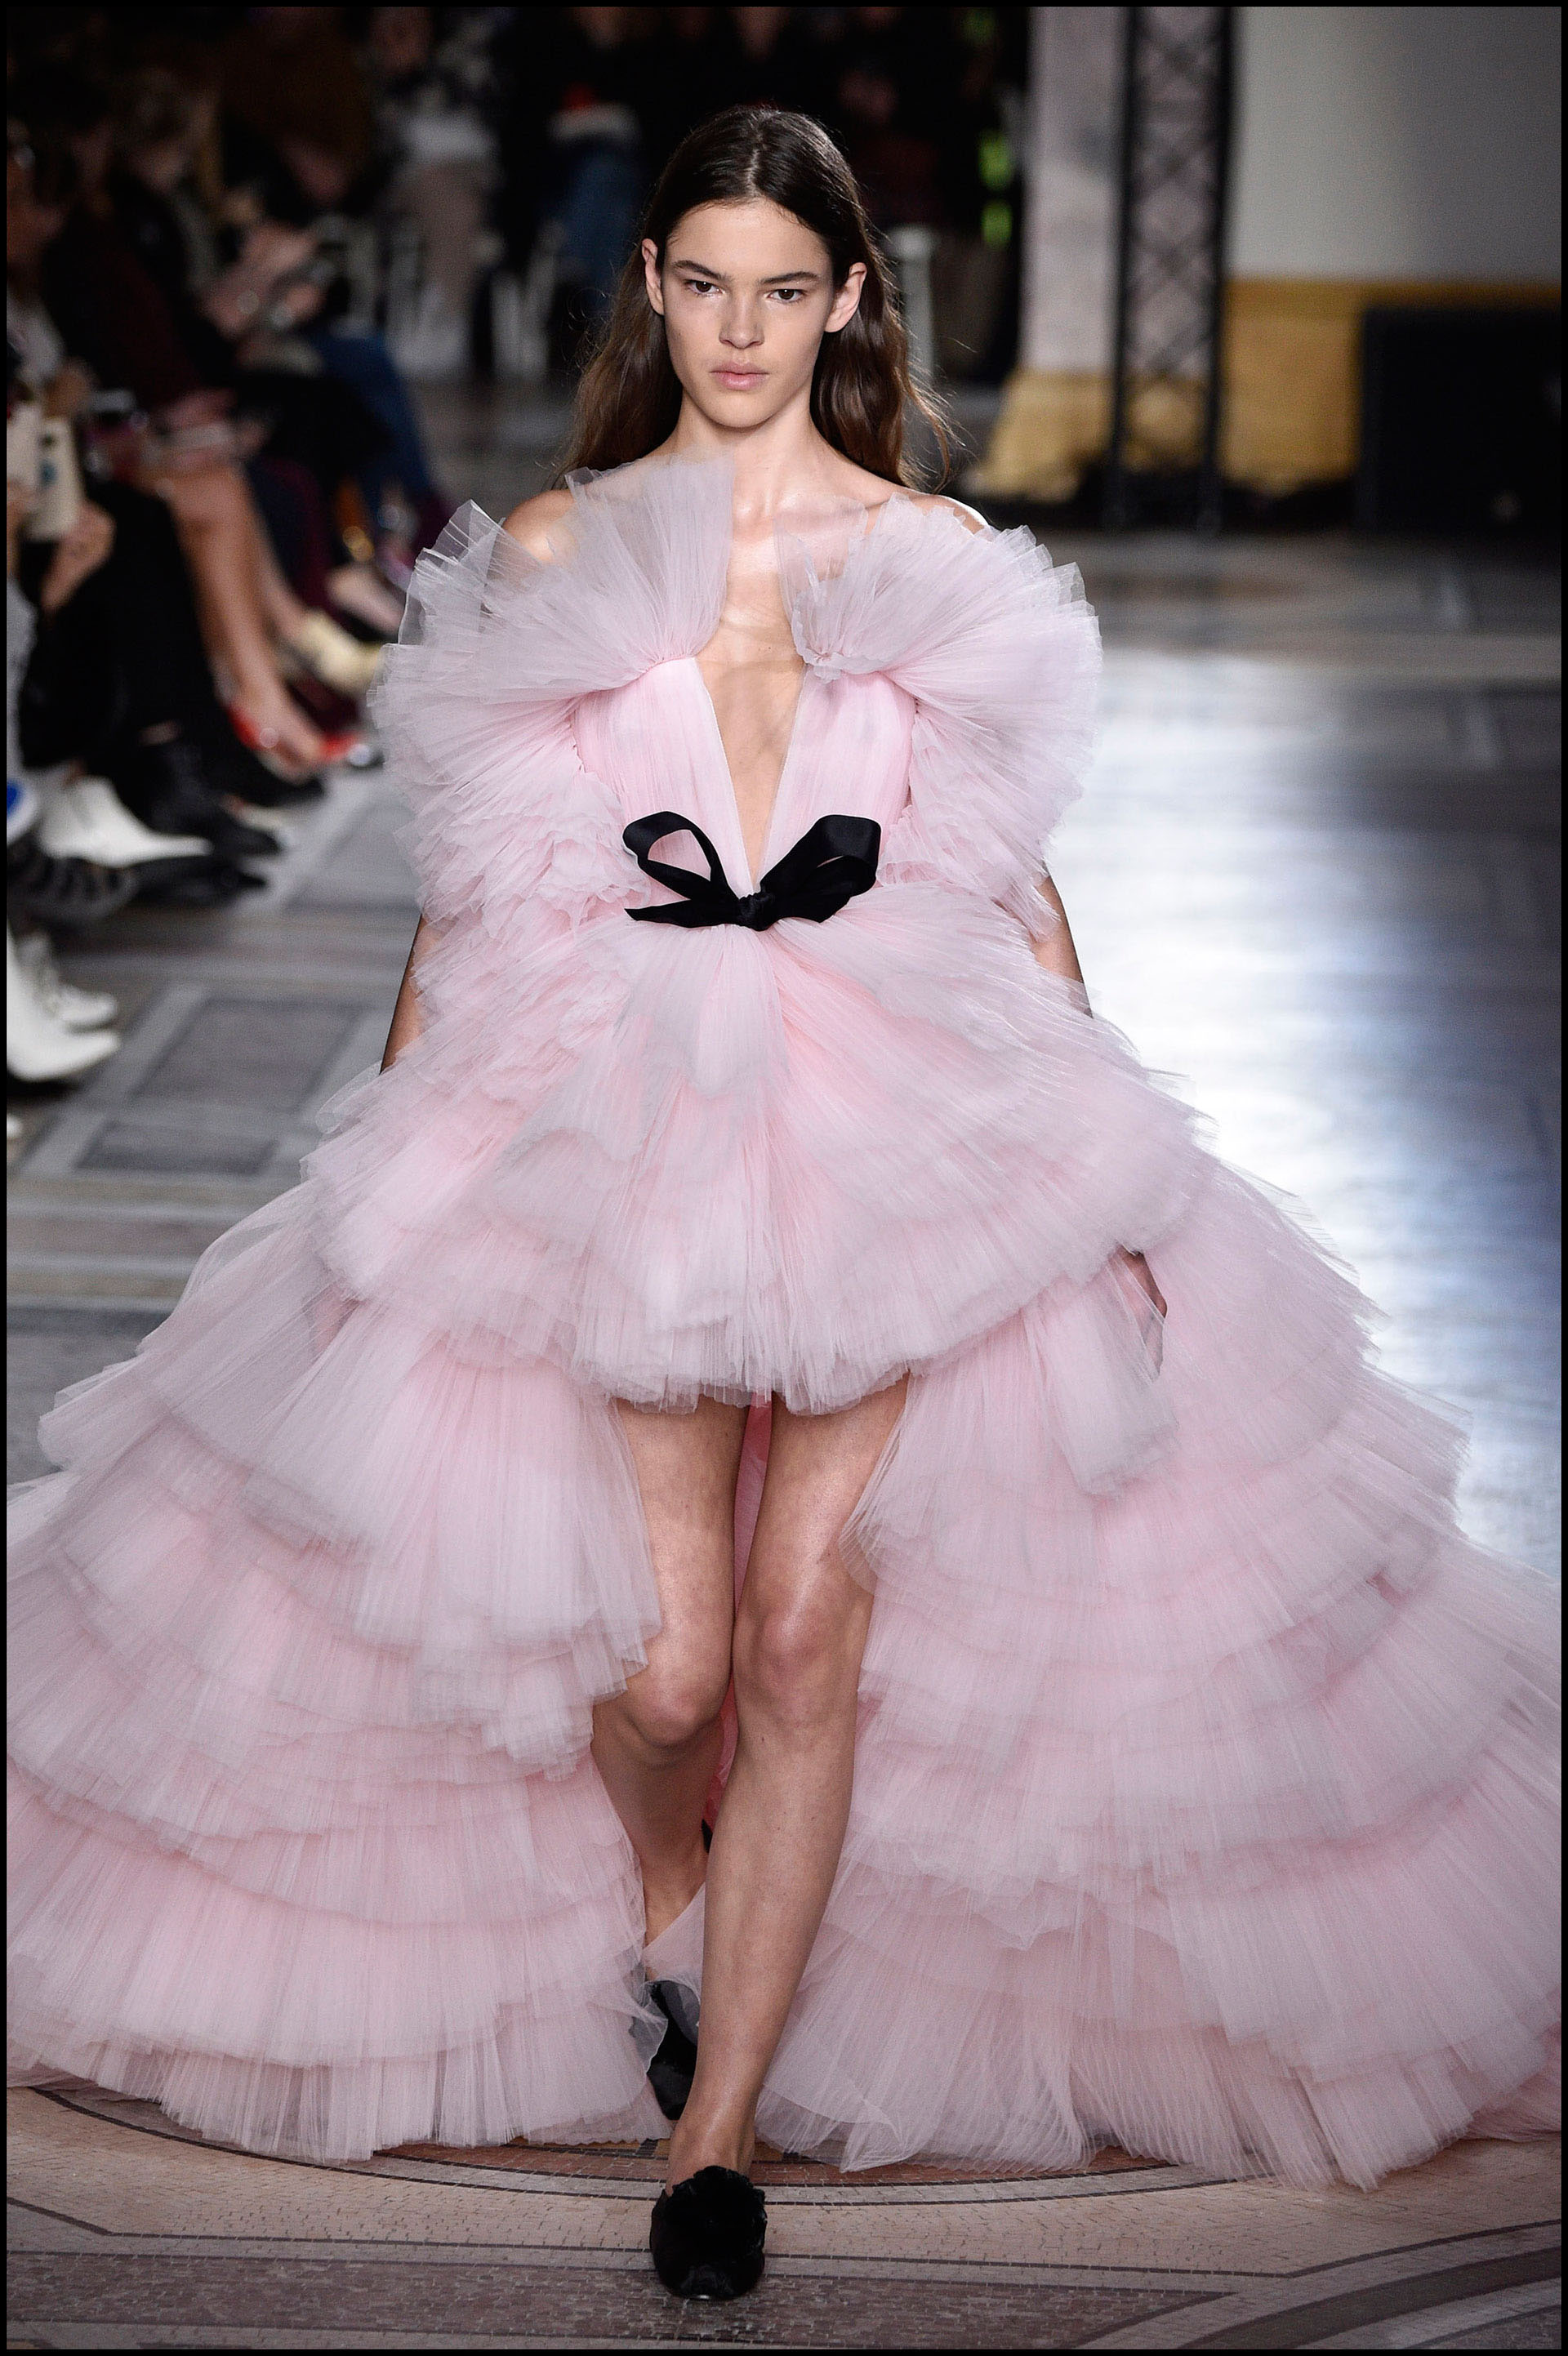 Vestidos que parecían un gran algodón de azúcar.